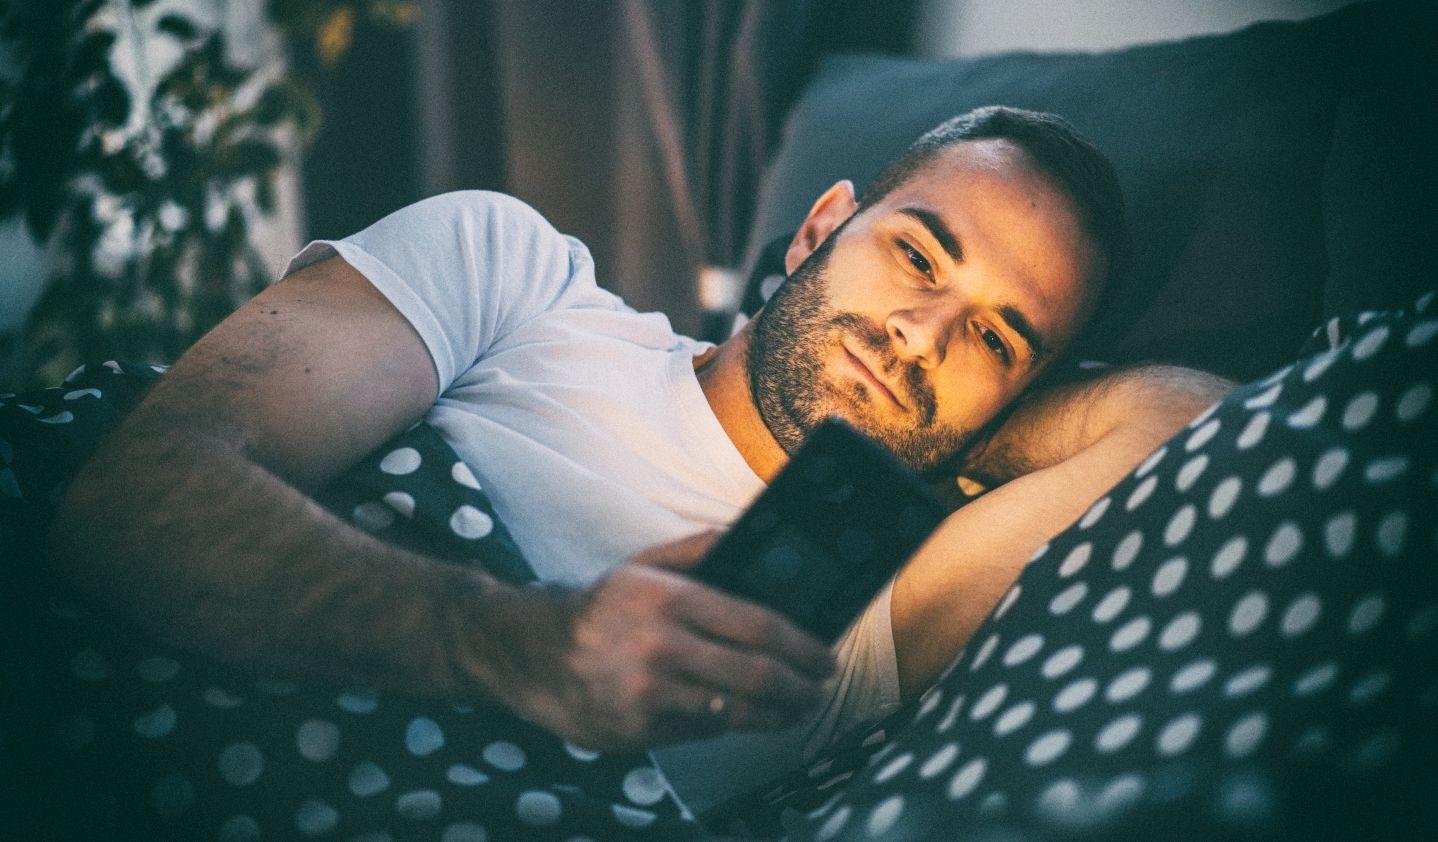 Исследование: Ночные режимы смартфонов бесполезны